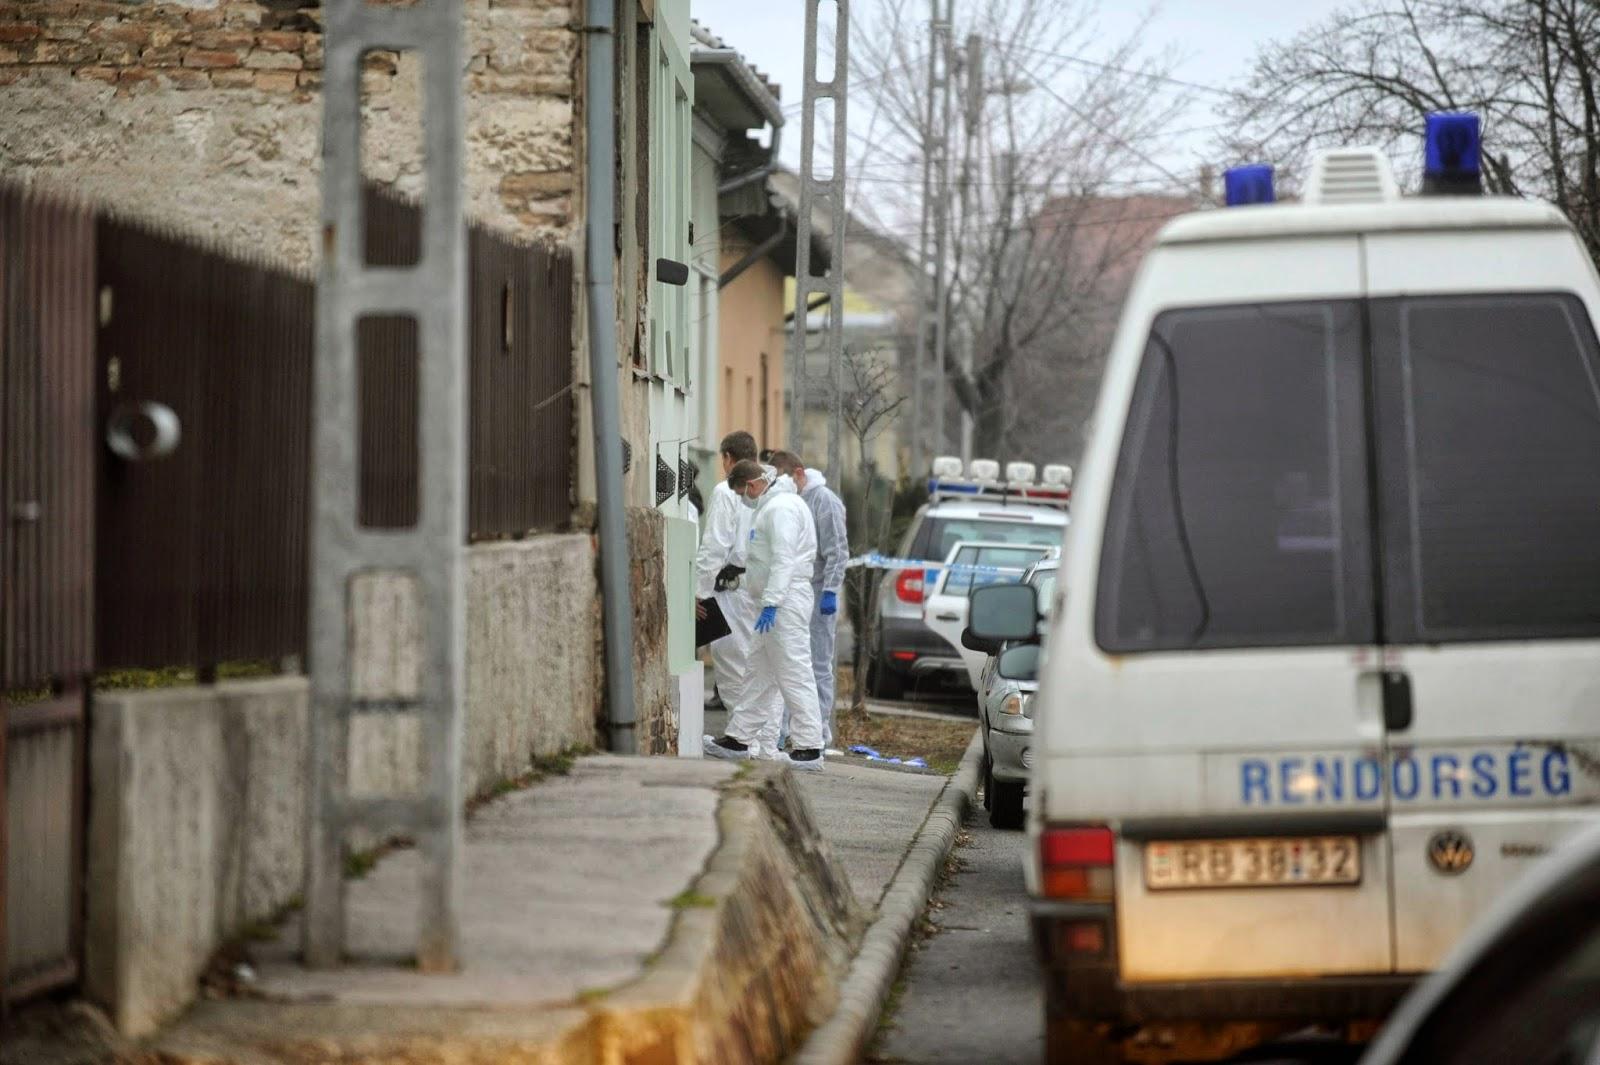 NAV, pénzügy, pénzügyellenőr, Budapest, gyilkosság, Nemzeti Adó- és Vámhivatal, NAV--gyilkosság